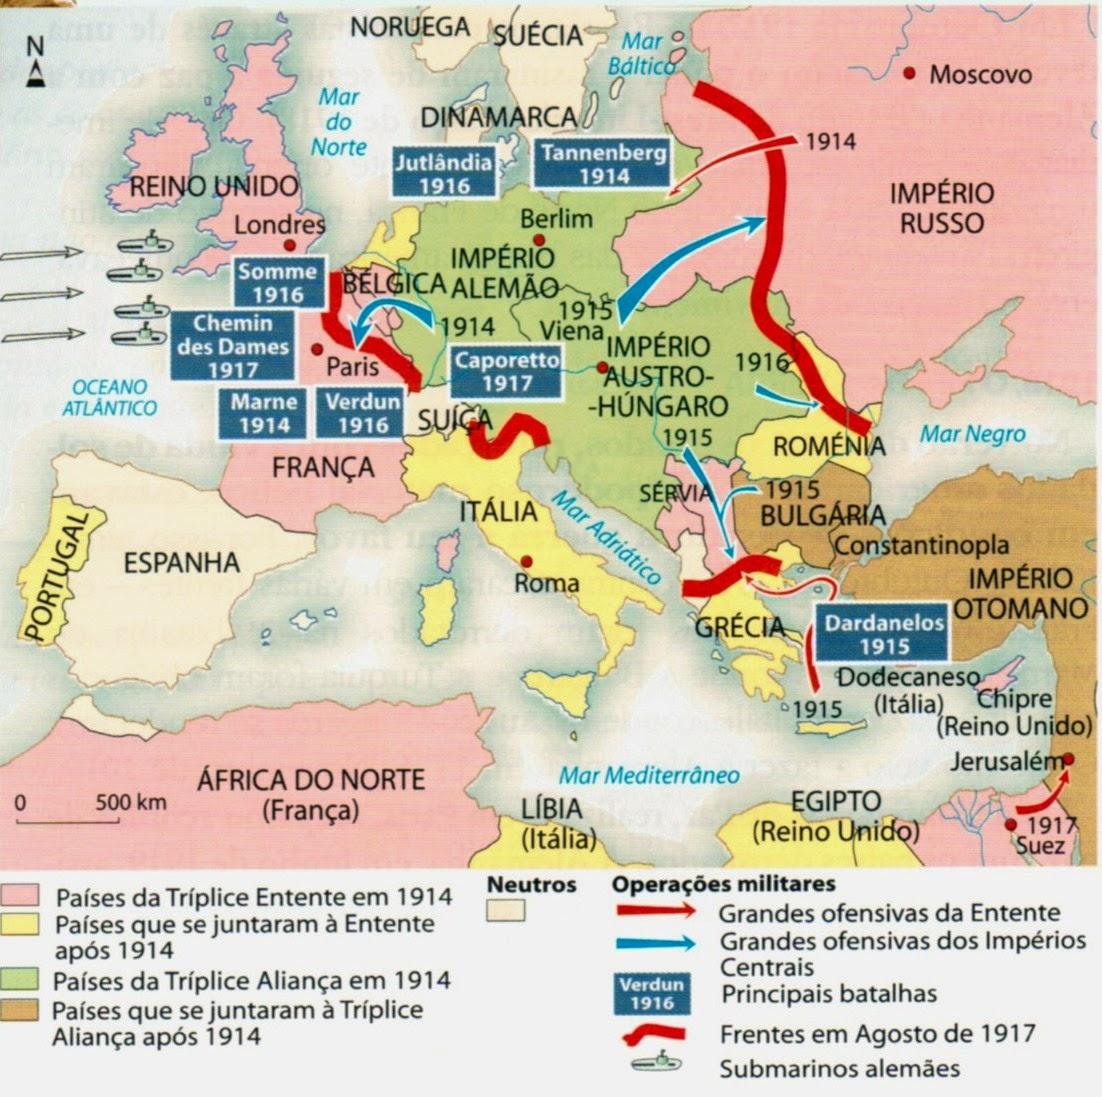 História 9 ano 1 Guerra Mundial